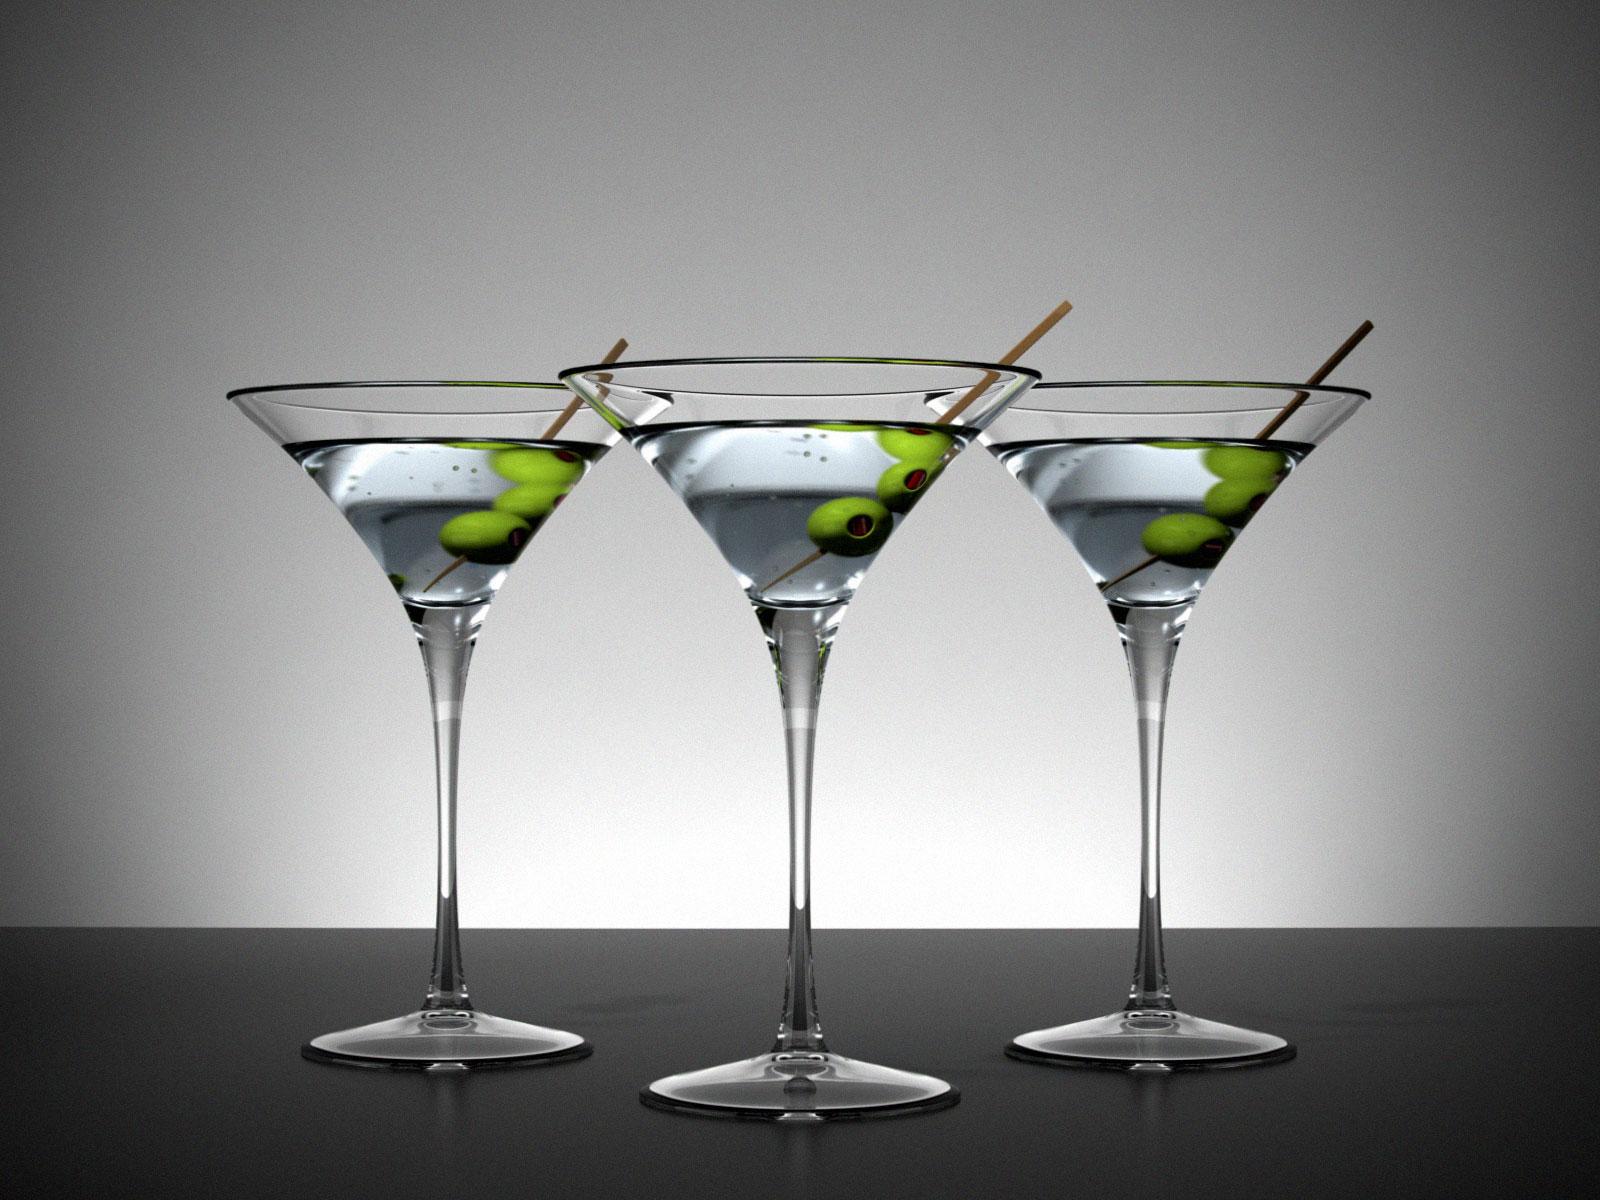 camino pianista salario  Cómo hacer el martini perfecto en tan sólo siete Pasos